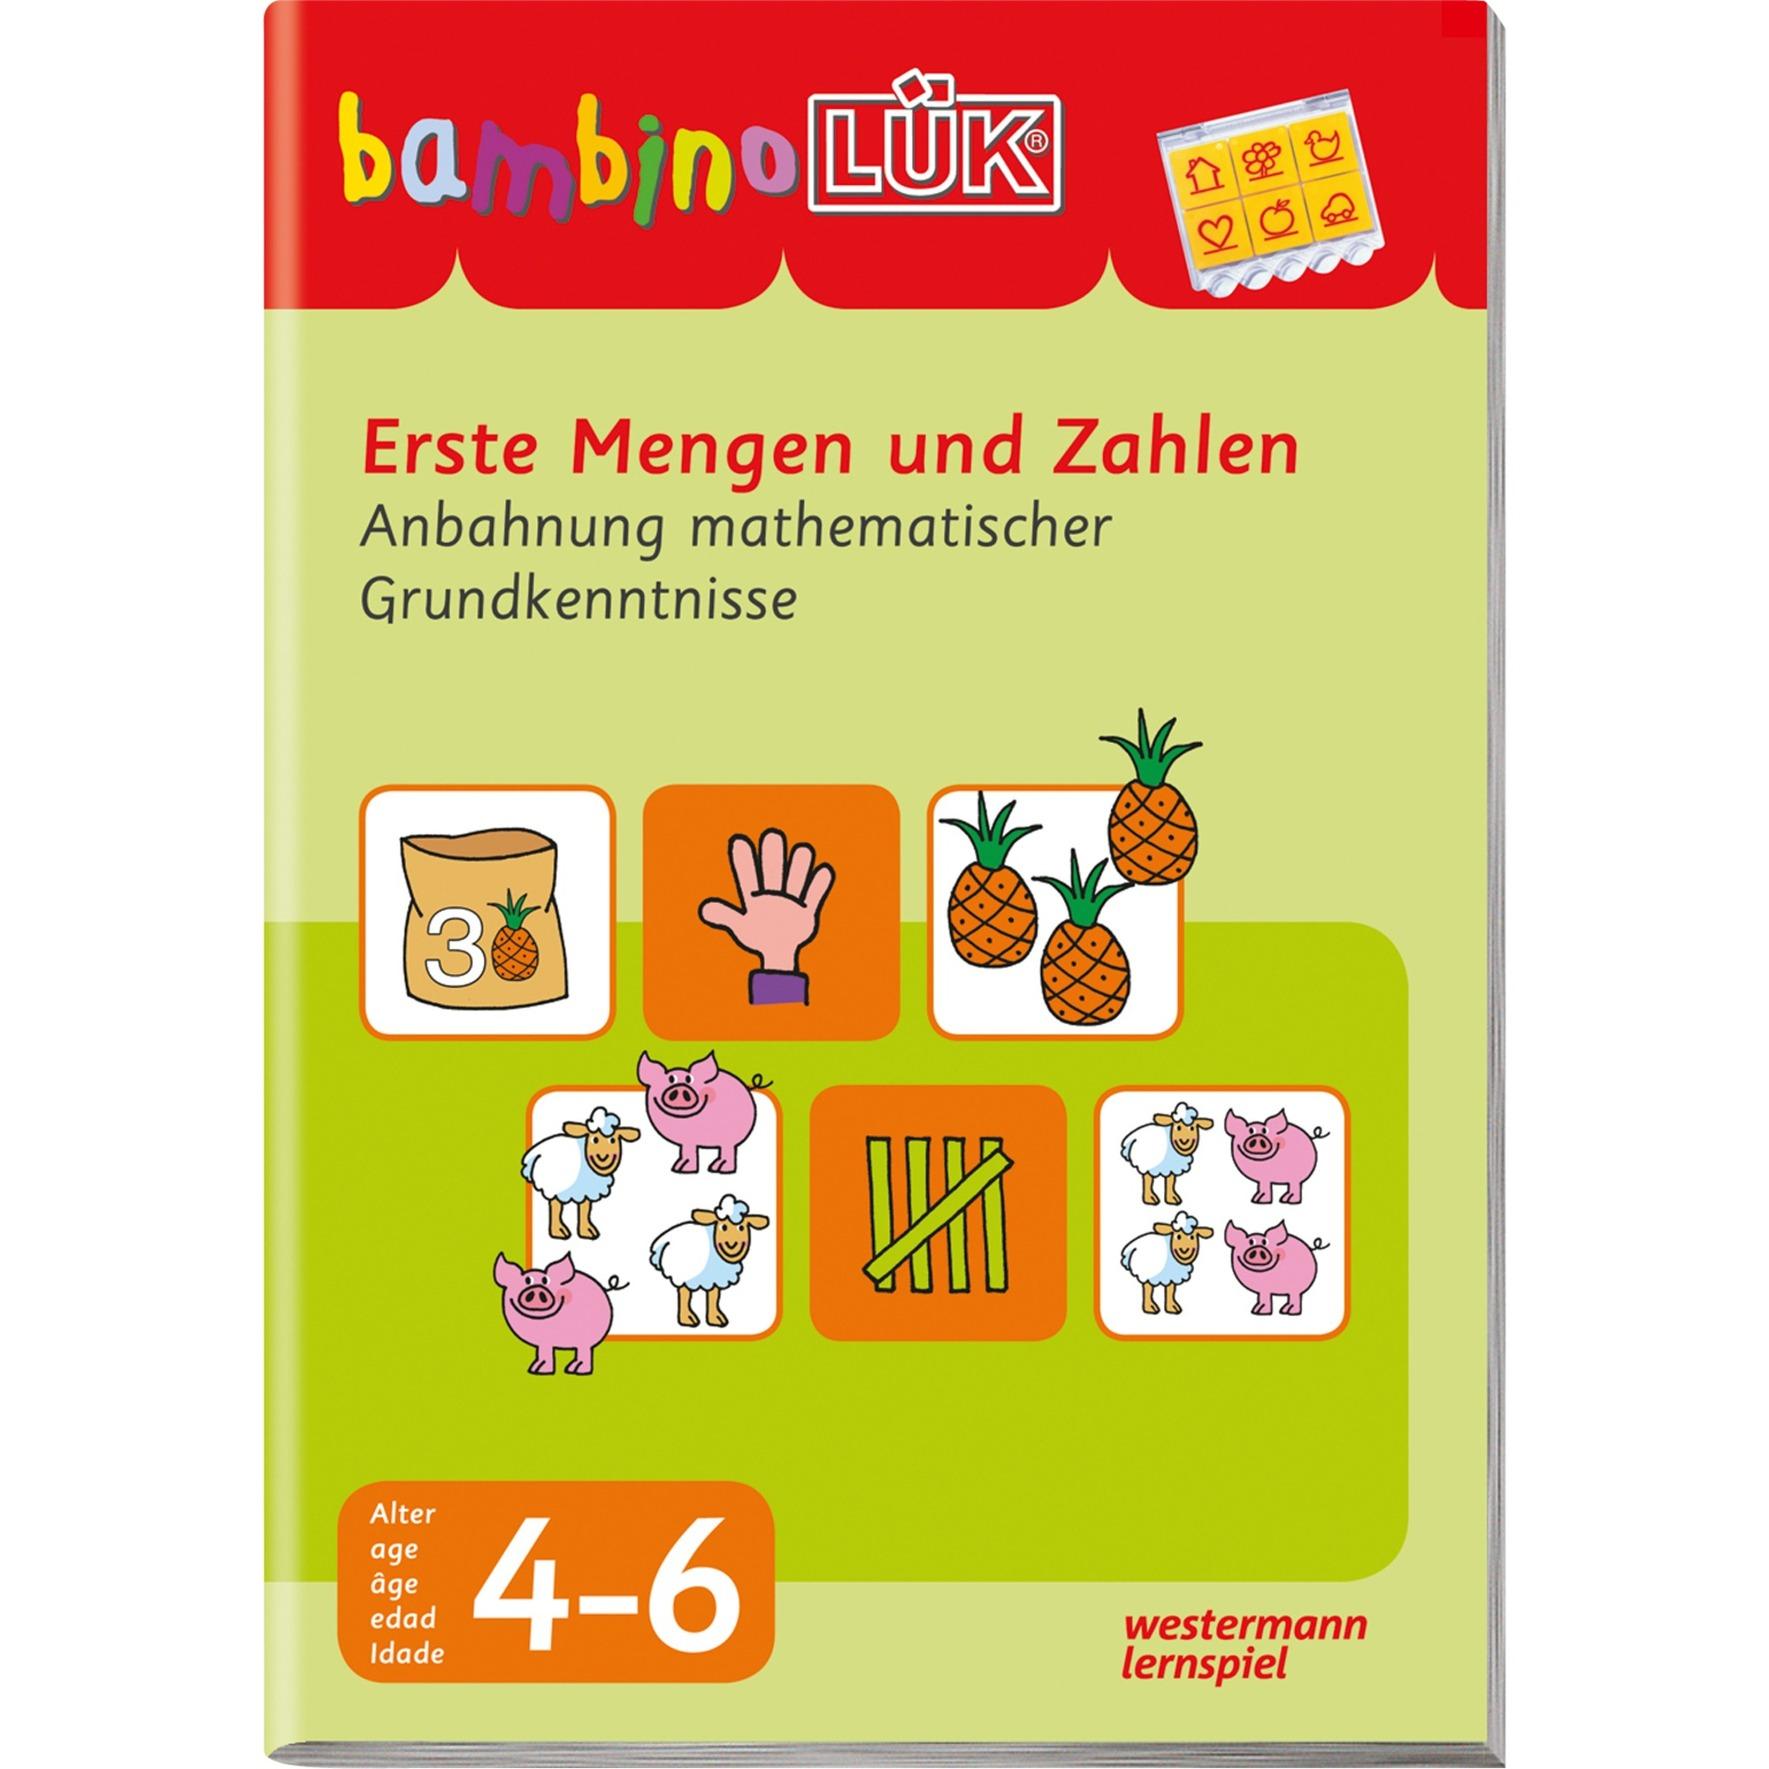 bambino-l-ue-k-erste-mengen-und-zahlen-bornebog-bog-til-indlaring-skolebog